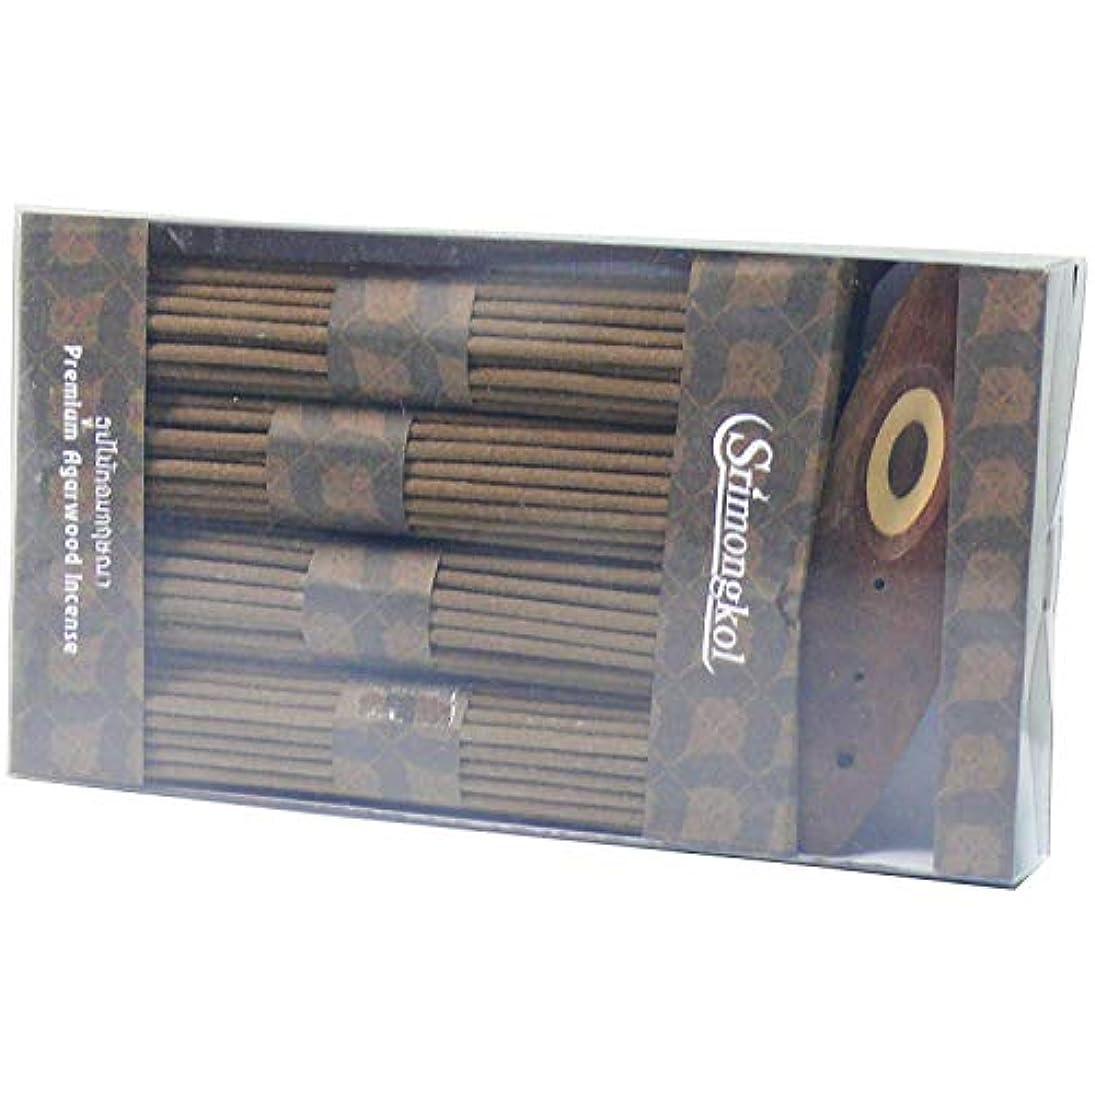 引く南アメリカ一般化するPremuim Agarwood Natural Incense Cones 200 Grams (No Chemical) :プレミアムアガーウッドナチュラル香コーン200グラム(化学薬品なし)